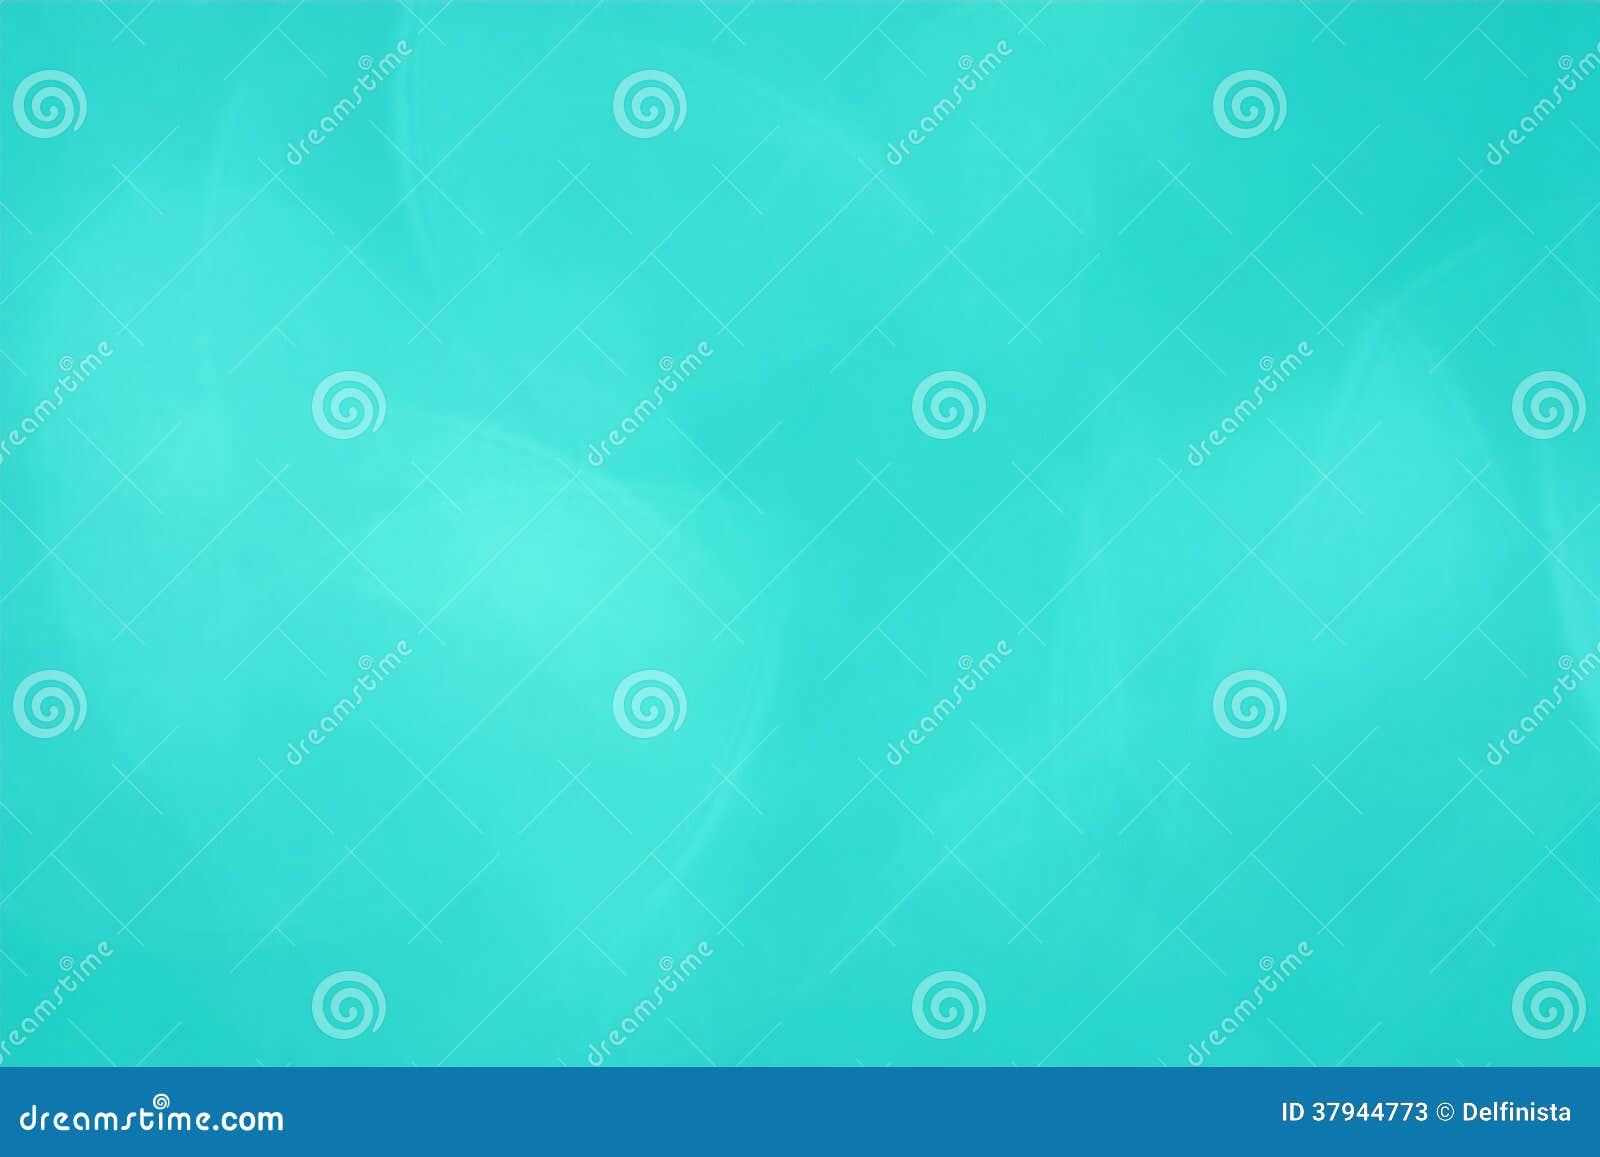 Fundo de turquesa fotos do estoque do verde azul fotos - Pintura azul turquesa ...